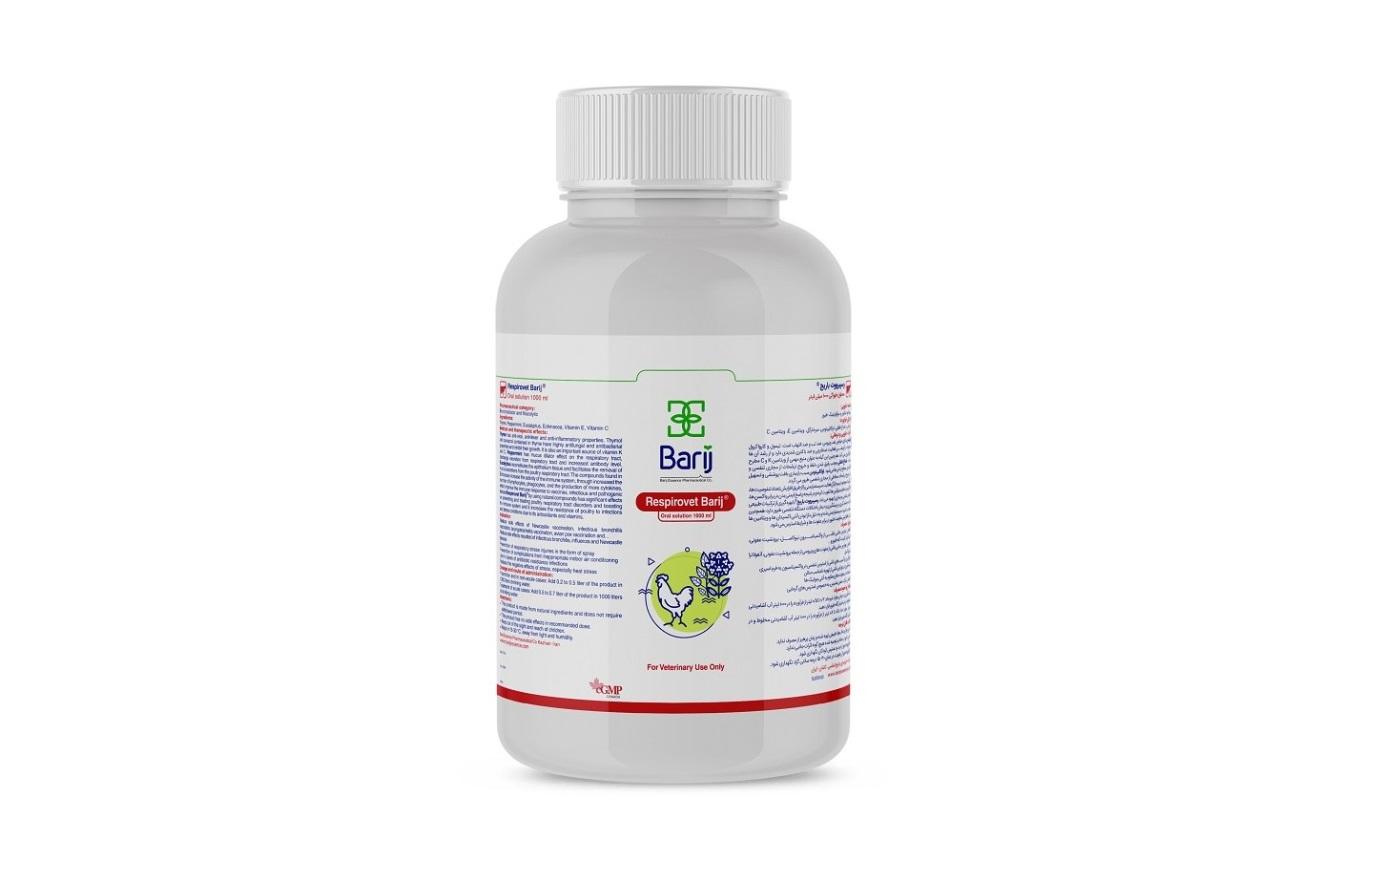 داروی گیاهی رسپیرووت باریج توان رقابت با محصولات مشابه خارجی را دارد